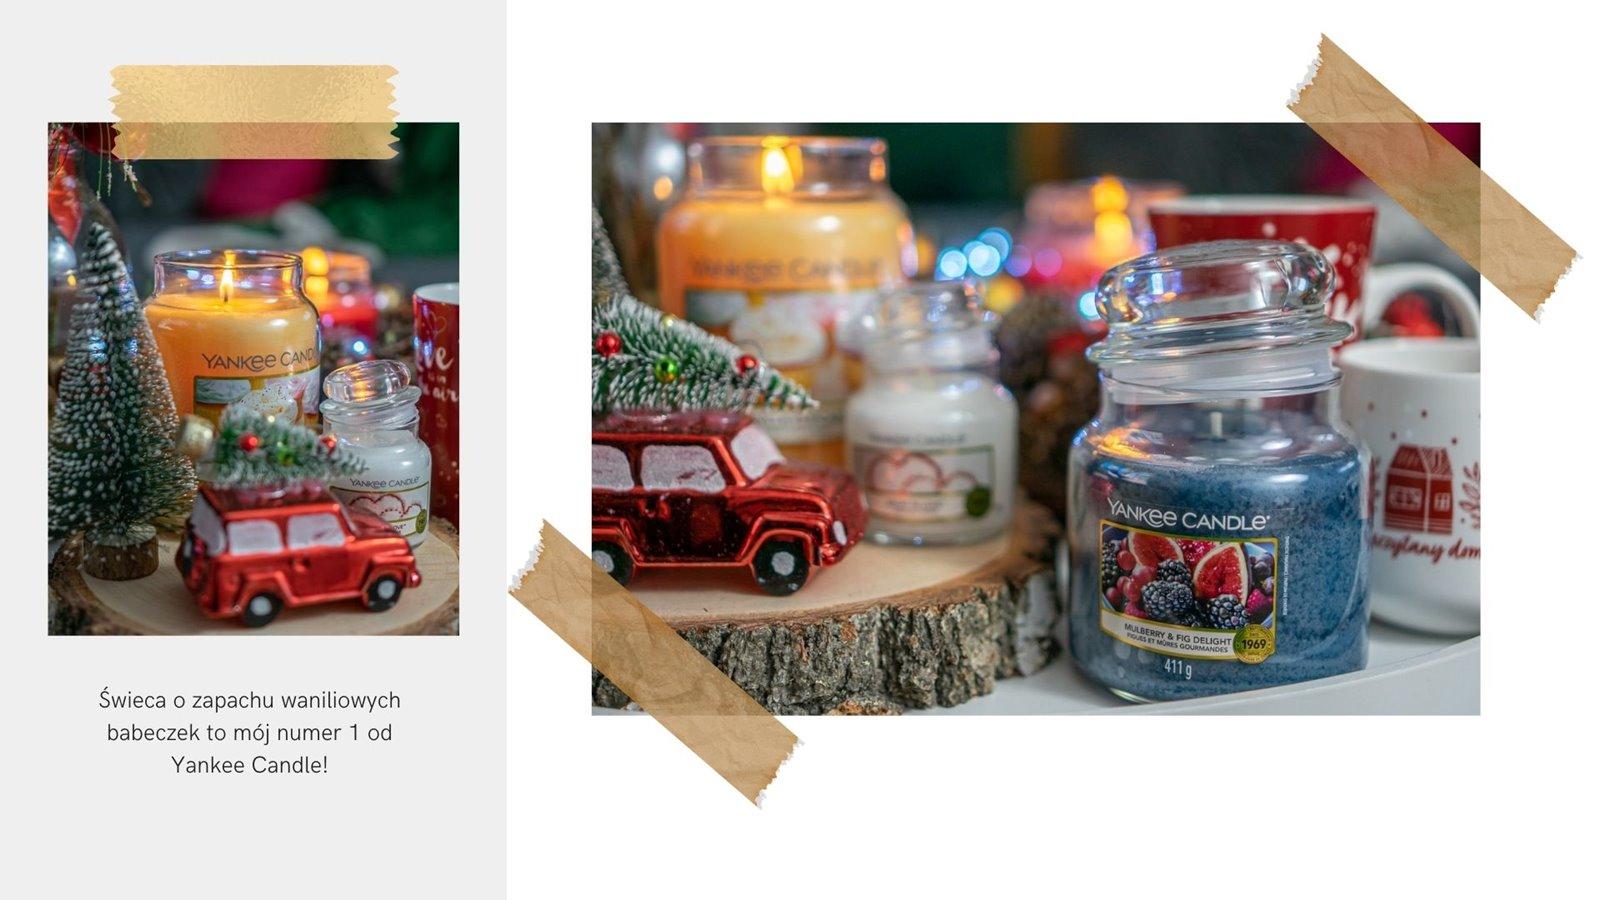 2 świąteczne zapachy yankee candle idealne na święta i boże naodzenie - dekoracje do domu i mieszkania na święta pepco action kik